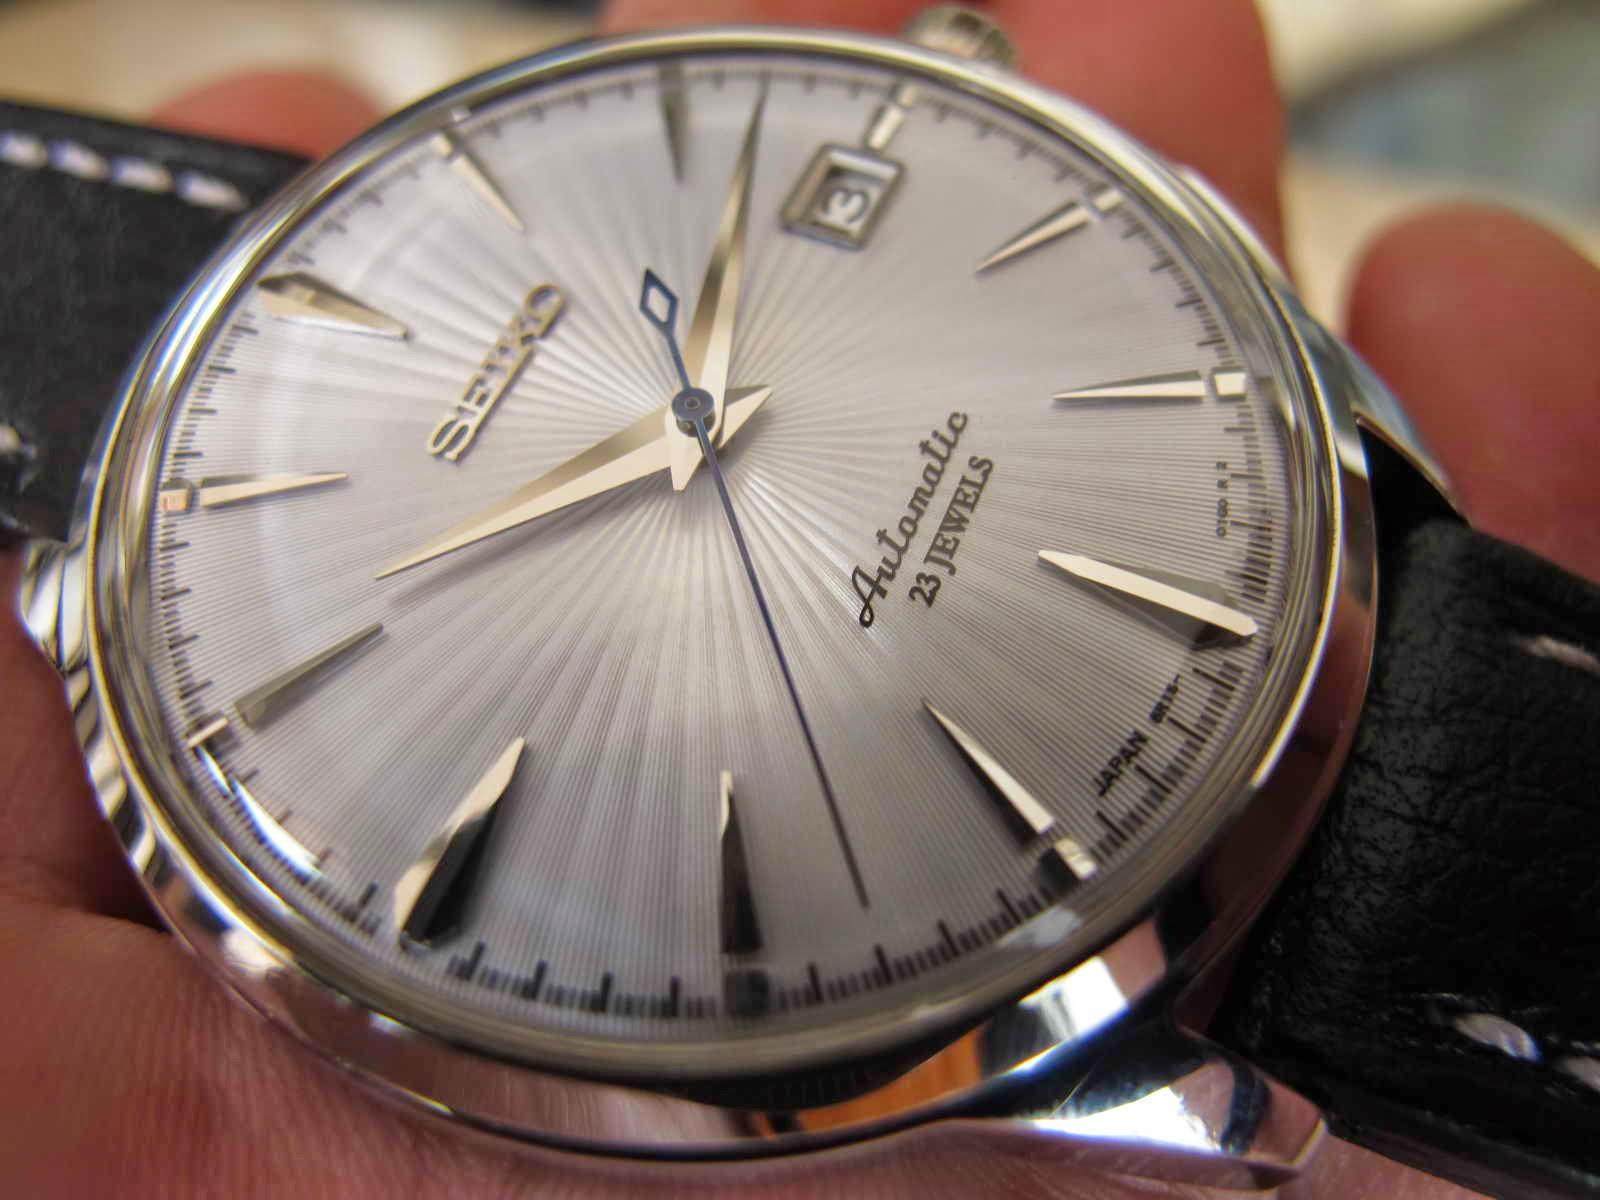 Dressy watch automatic Japan made JDM dan tentunya dengan harga terjangkau dibandingkan dengan jam tangan selevel lainnya